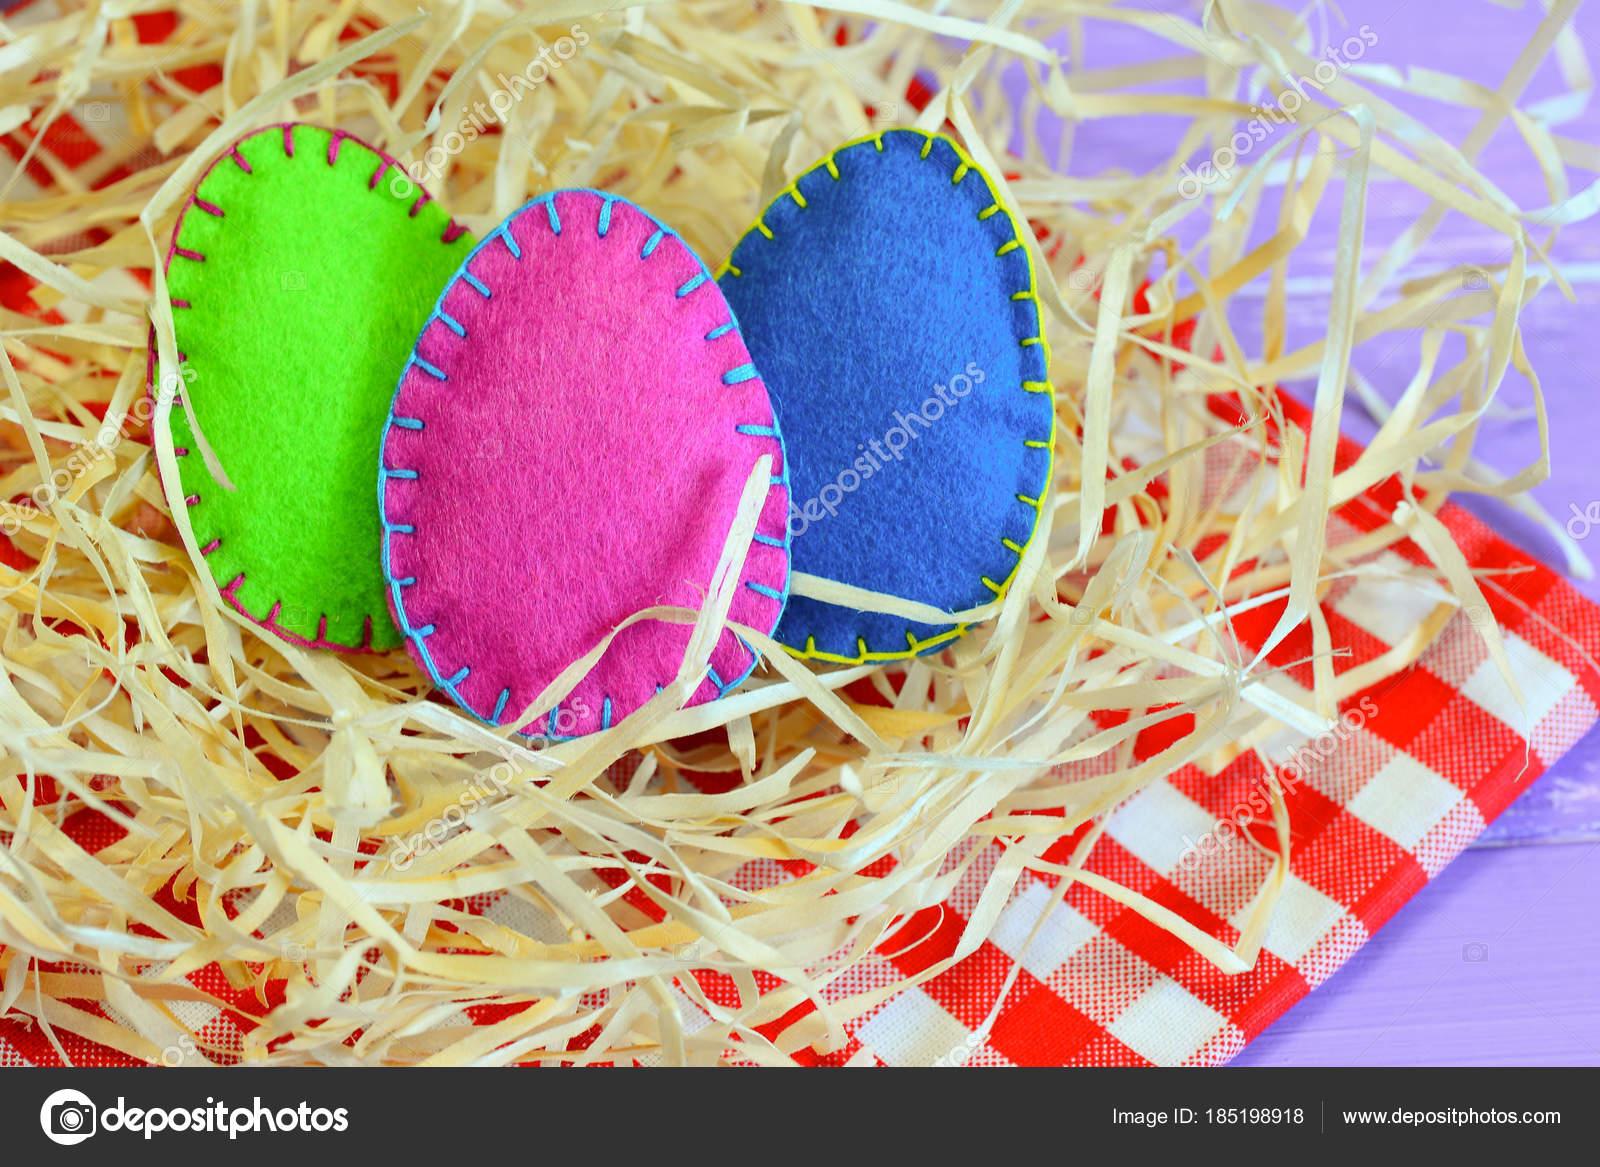 Drei Fuhlte Eiern Verschiedenen Farben Einfach Und Unkompliziert